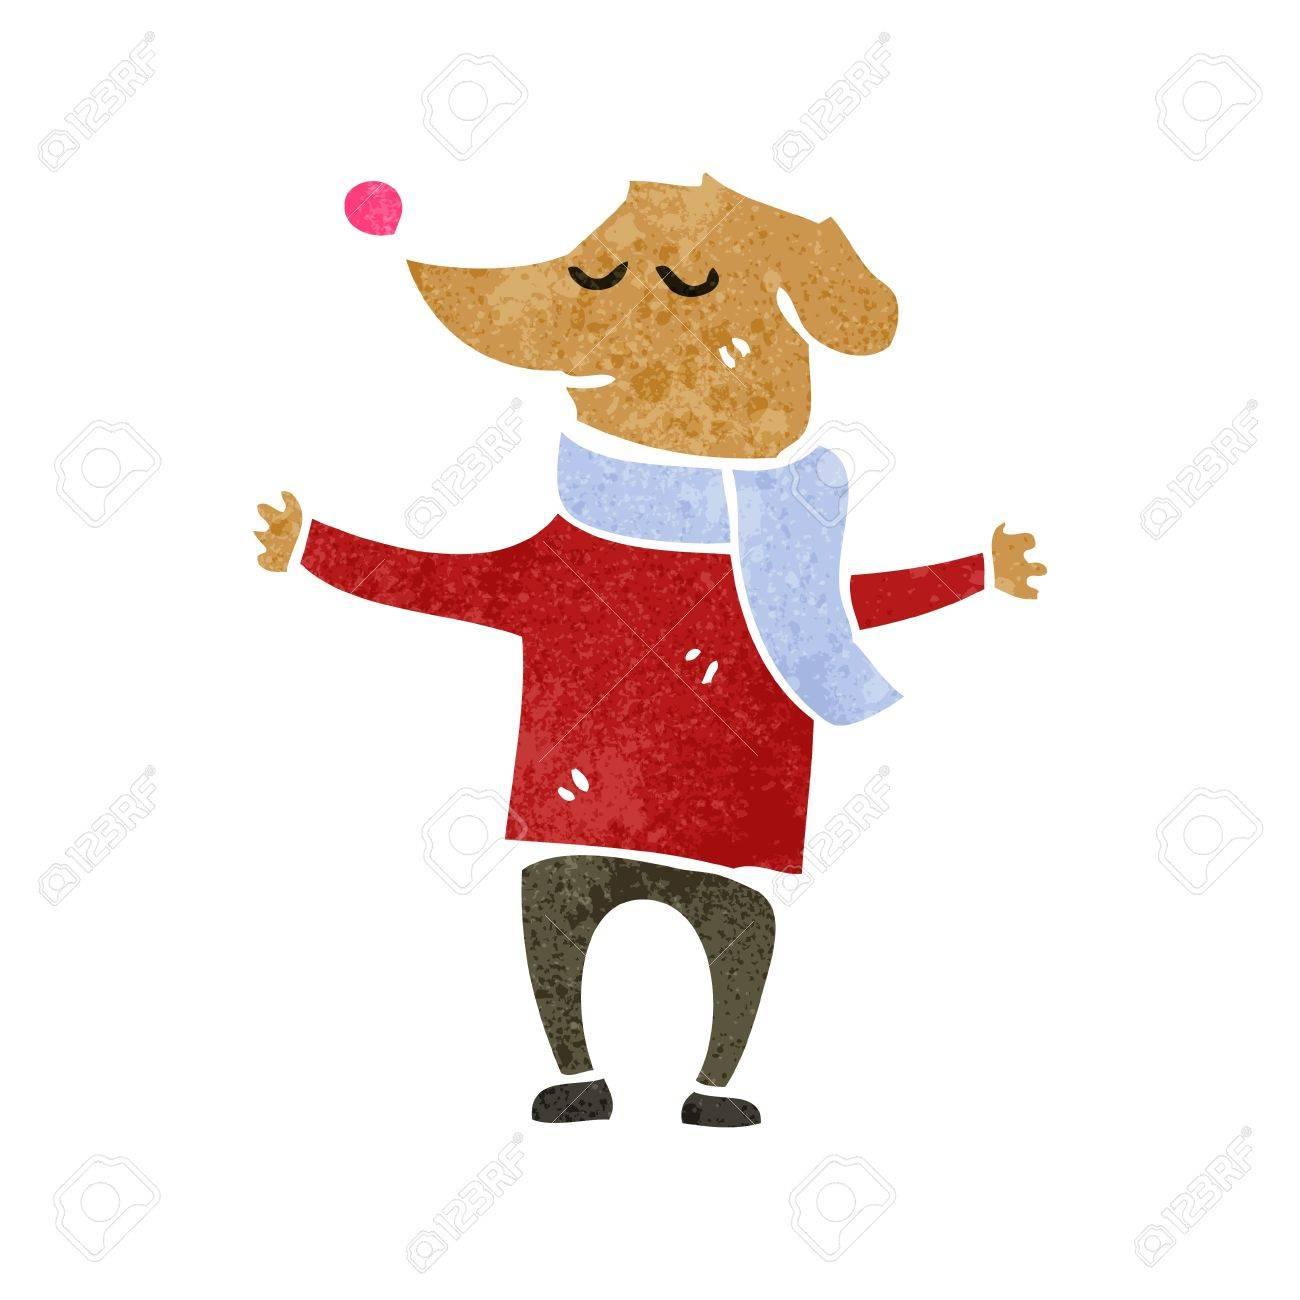 5a4b0a4bf5 retro cartoon dog wearing clothes Stock Vector - 22165199